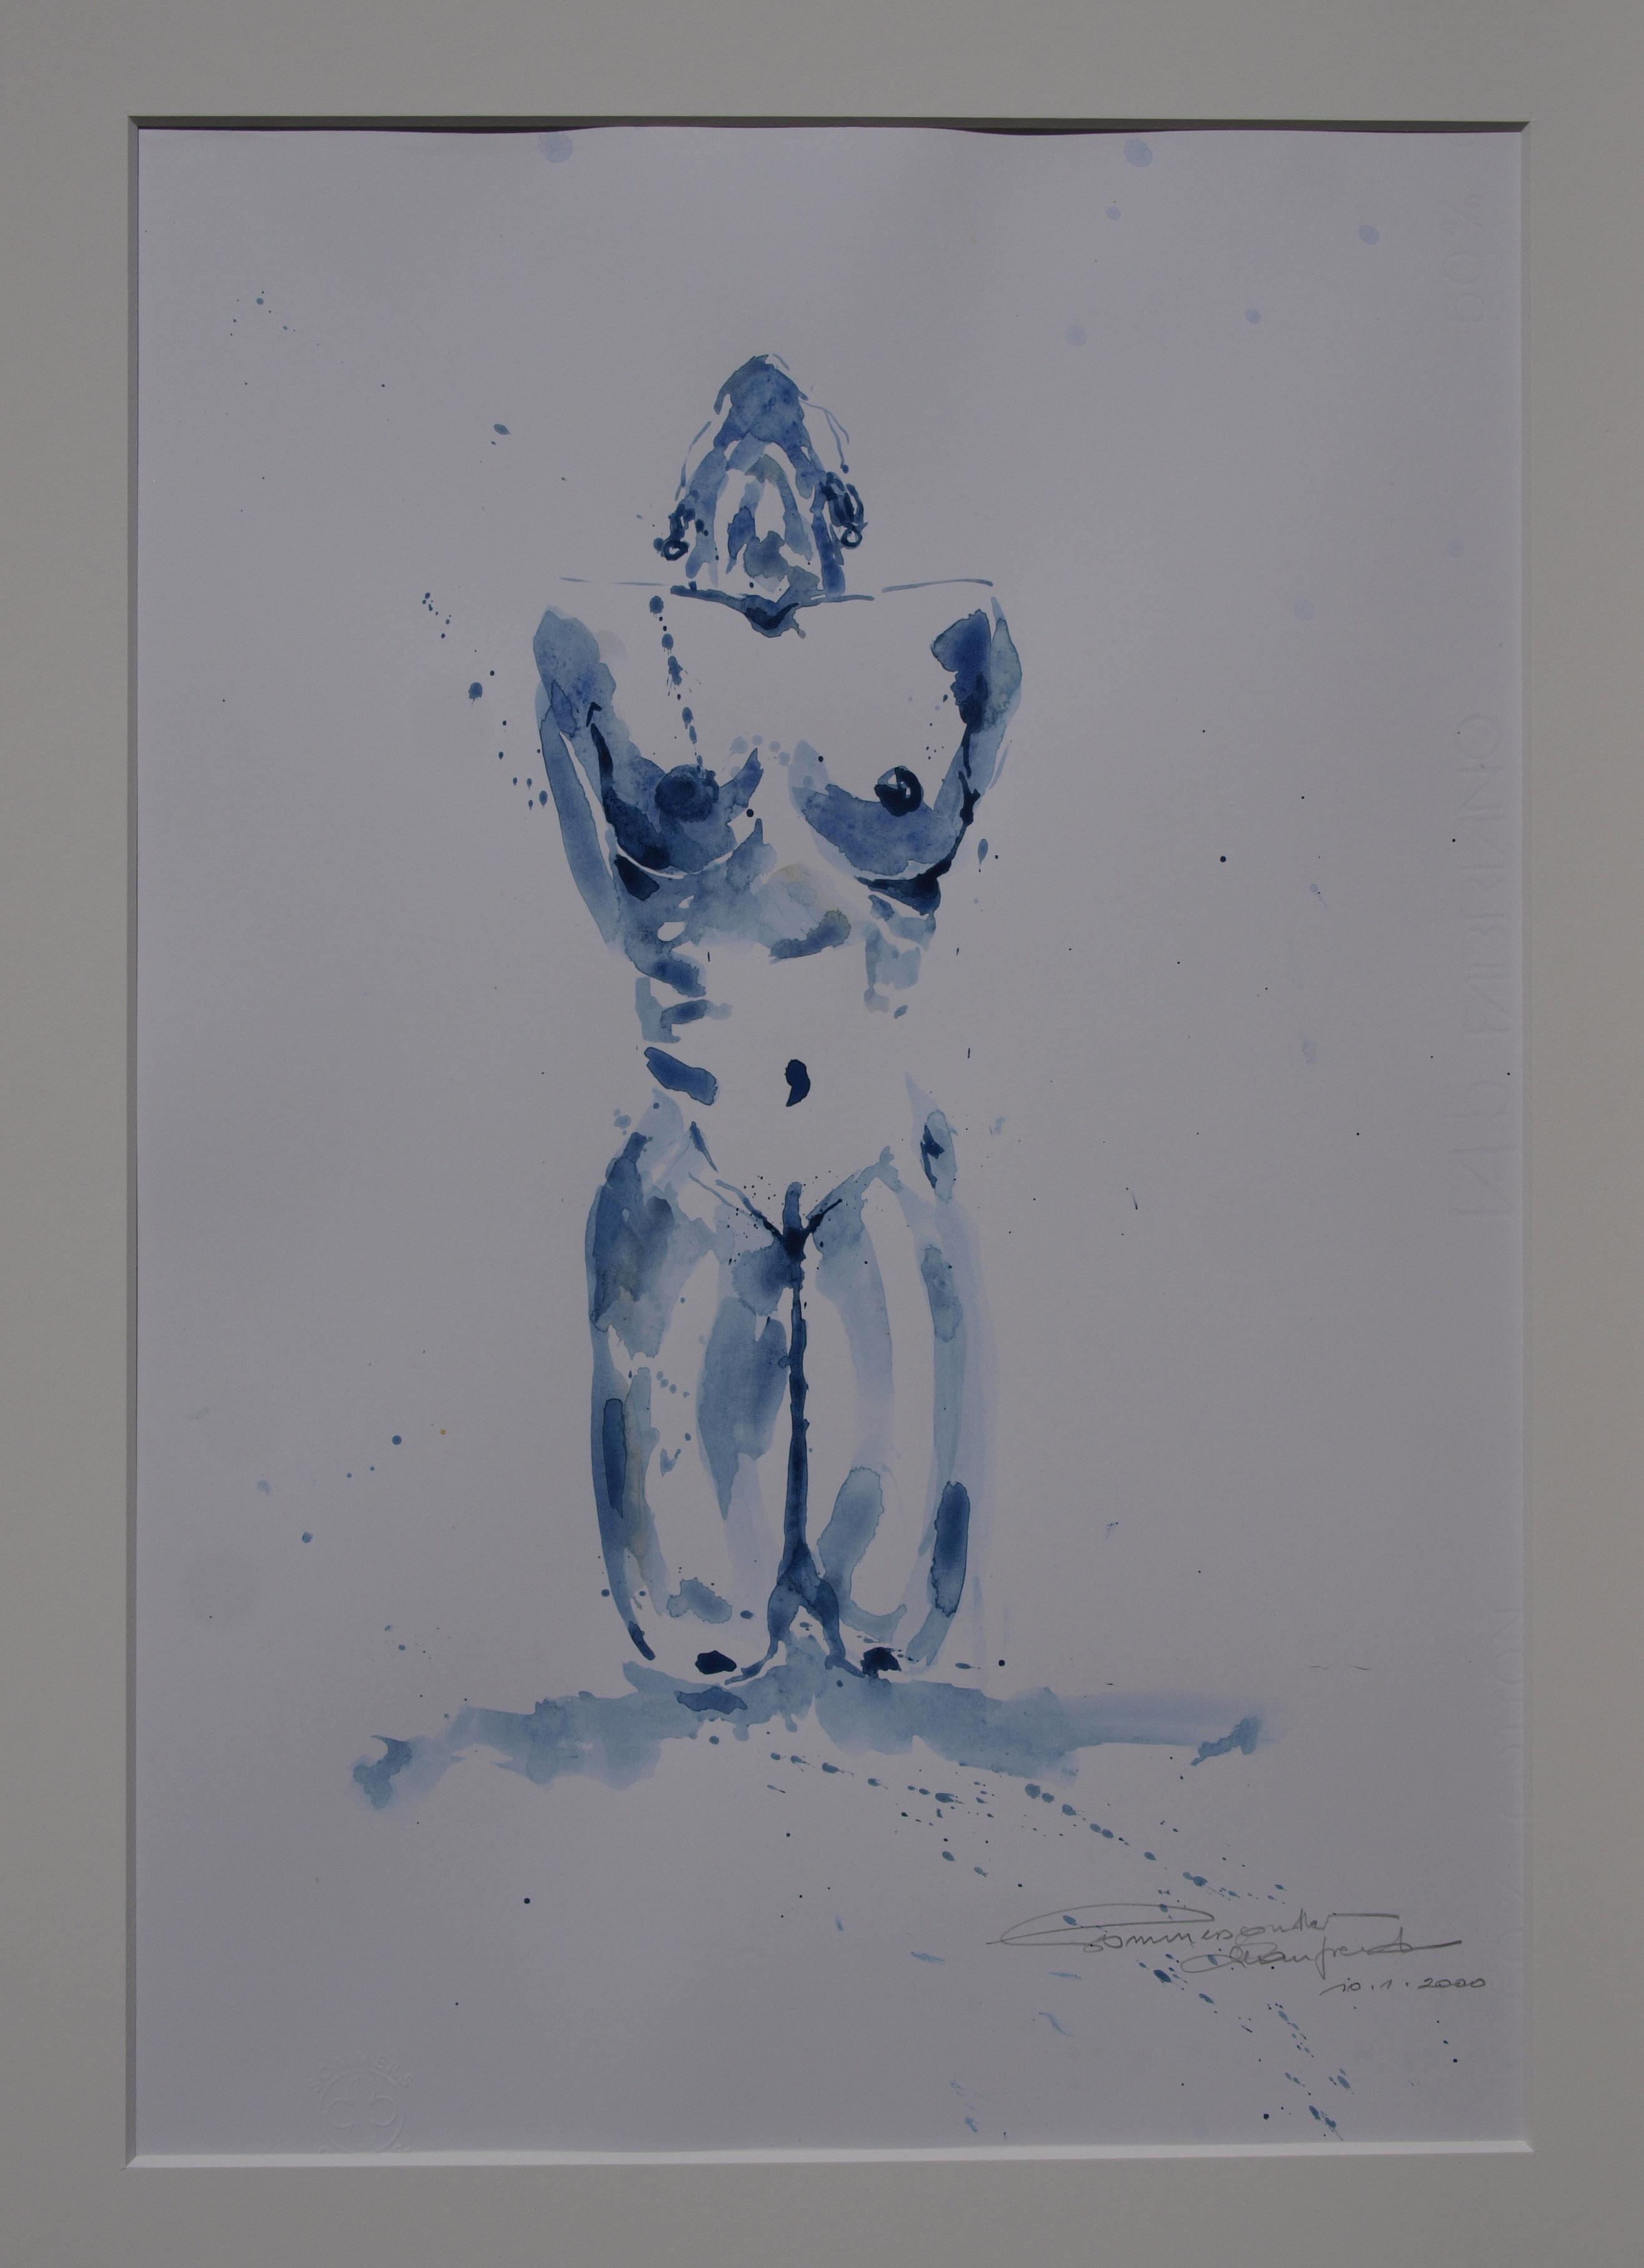 Akt blau